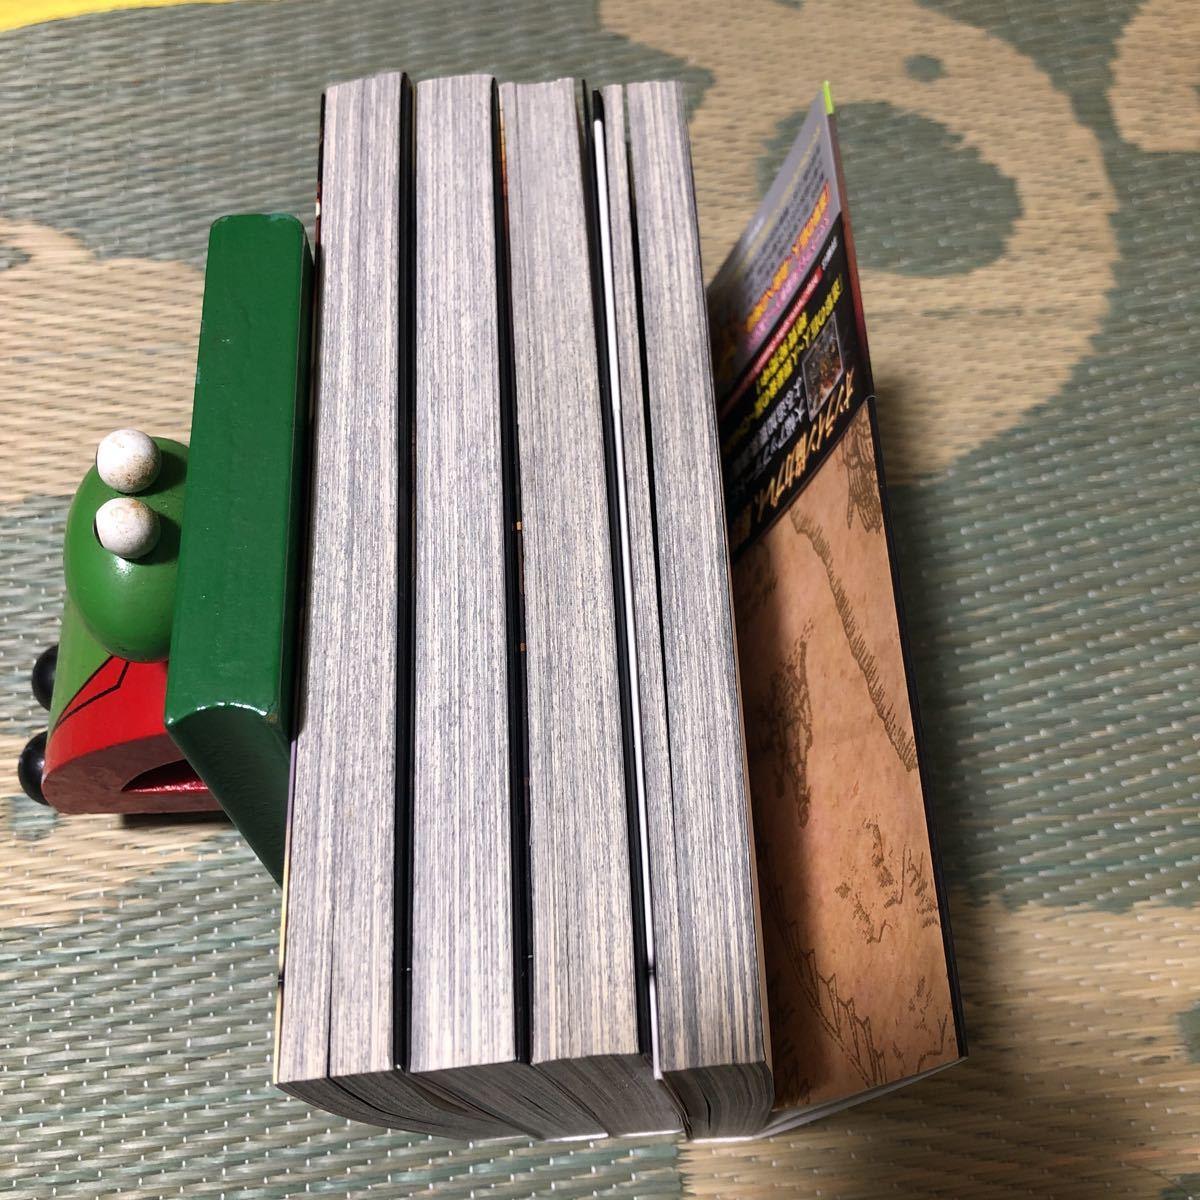 進撃の巨人 進撃の巨人 12巻~15巻 限定版 初版 本のみ 4冊セット 中古 3